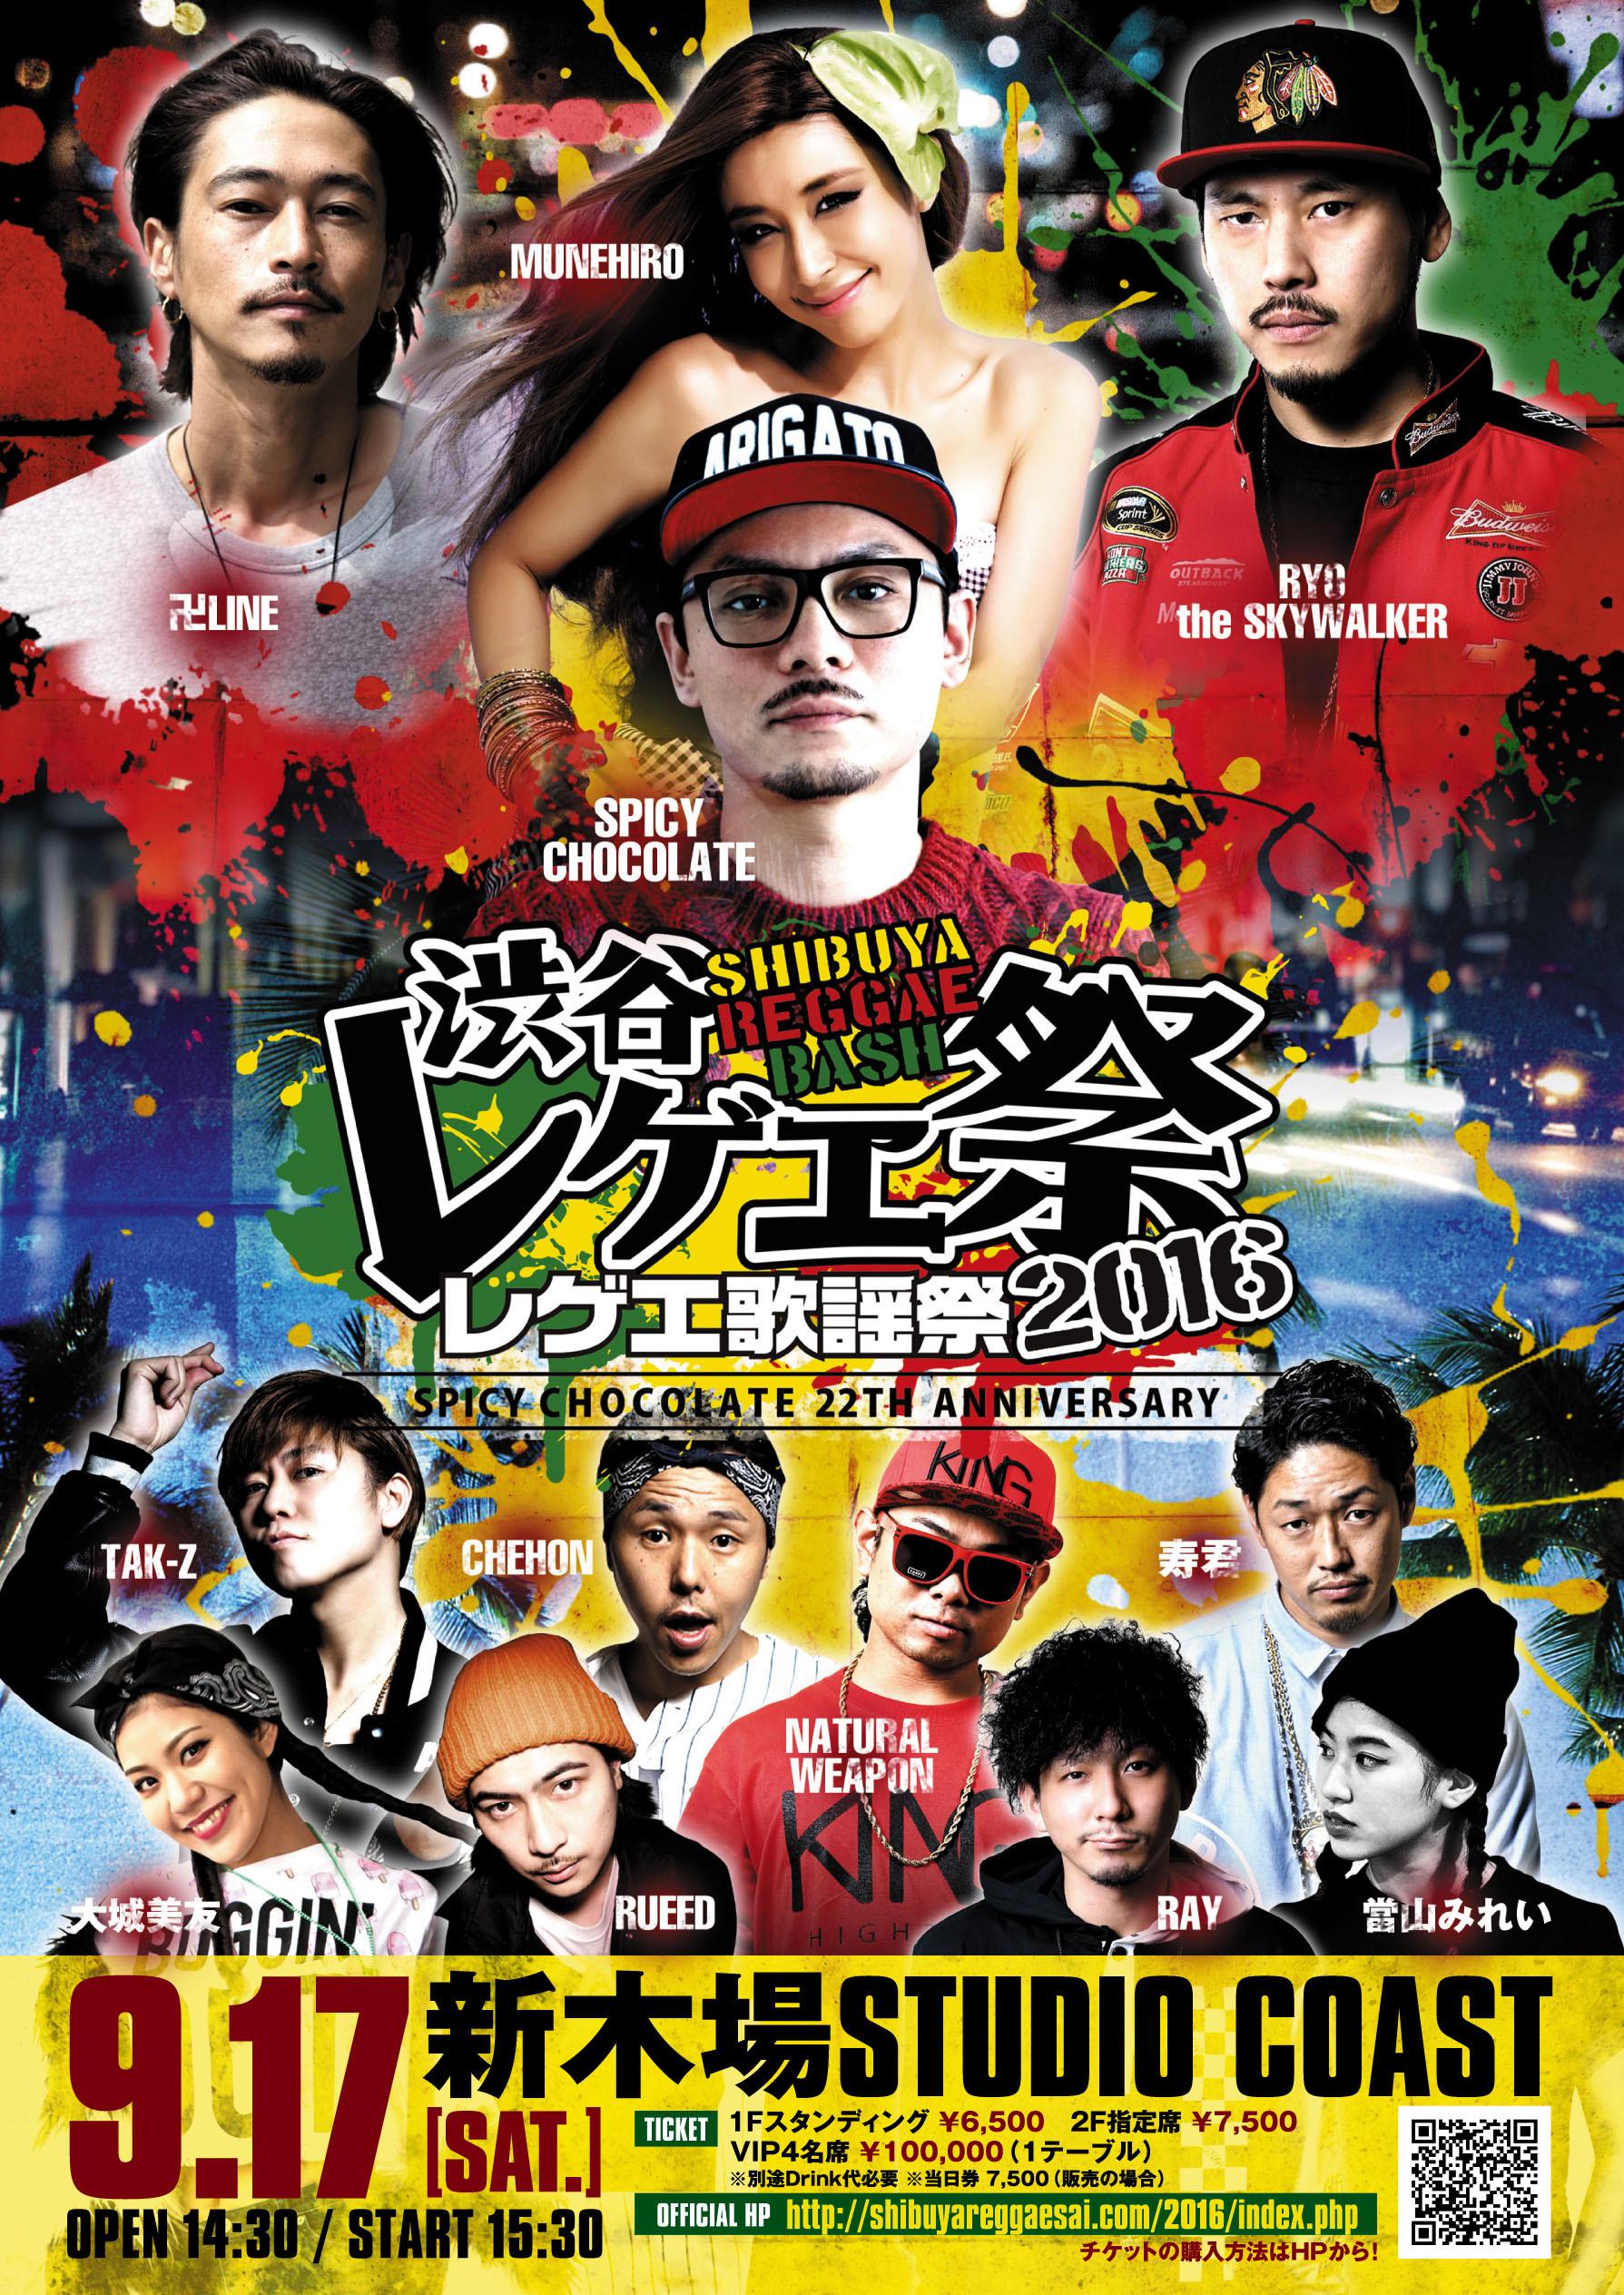 渋谷レゲエ祭 ~レゲエ歌謡祭2016~